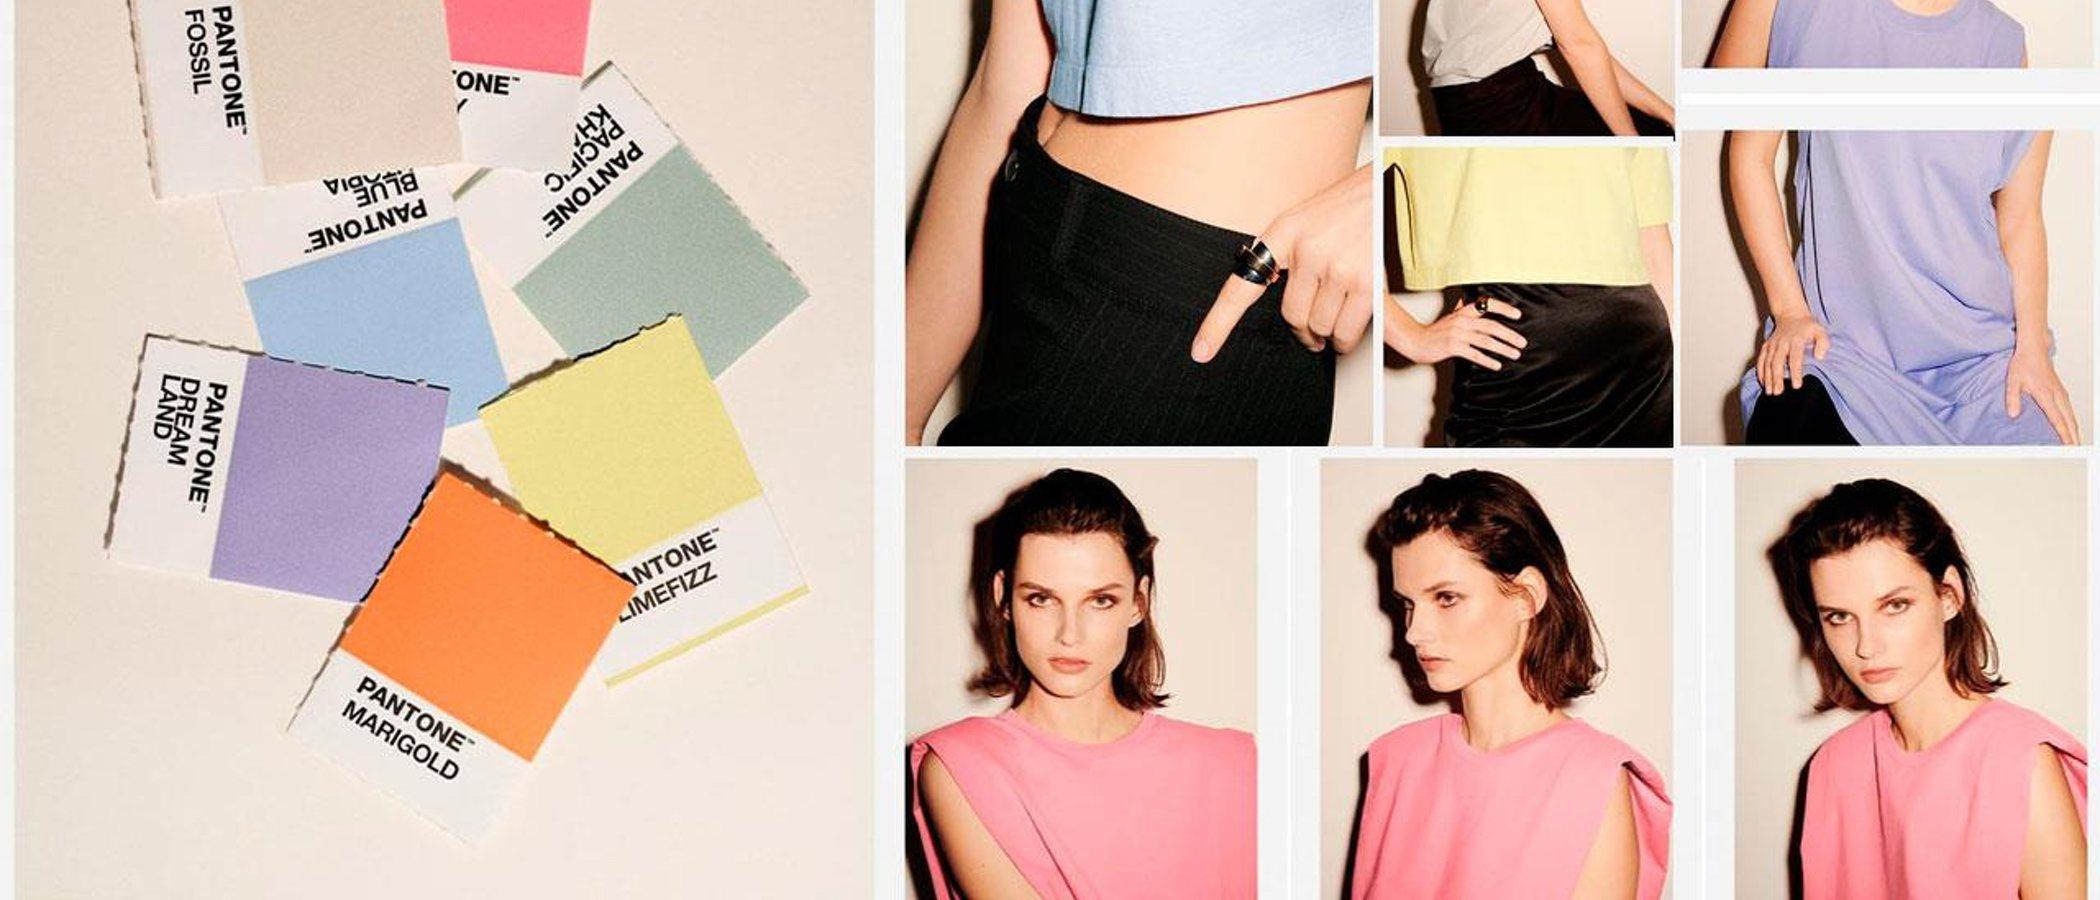 Zara y Pantone crean una colección que dicta los colores de moda para la primavera/verano 2020